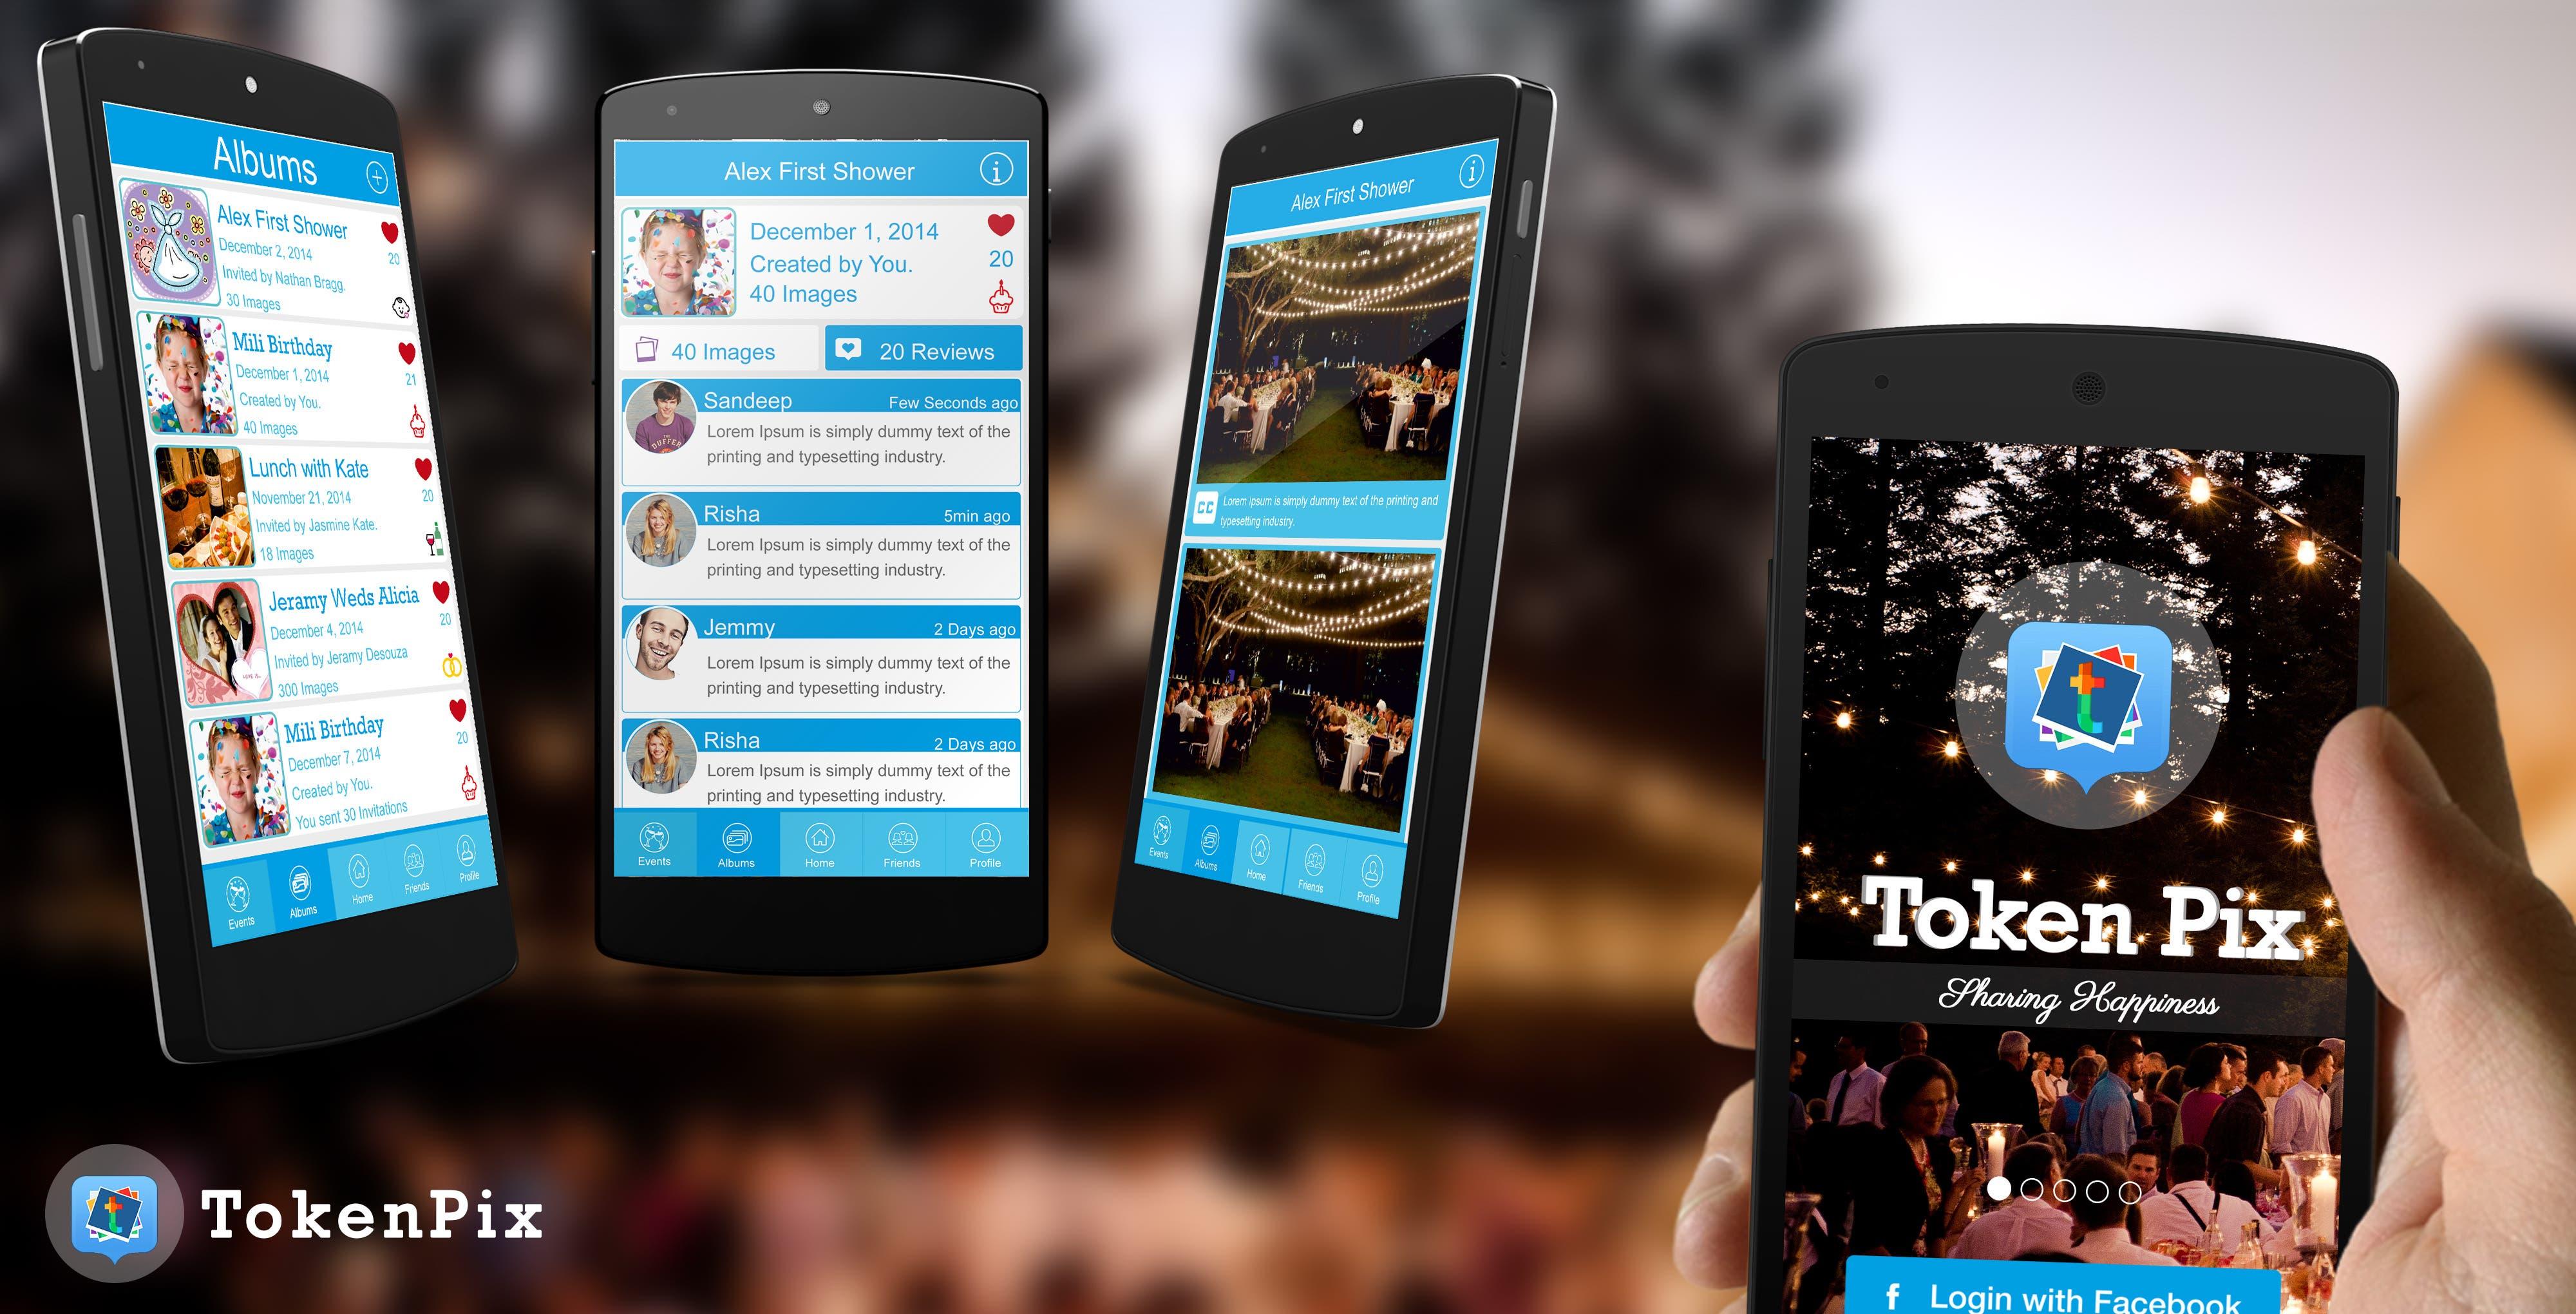 TokenPix App